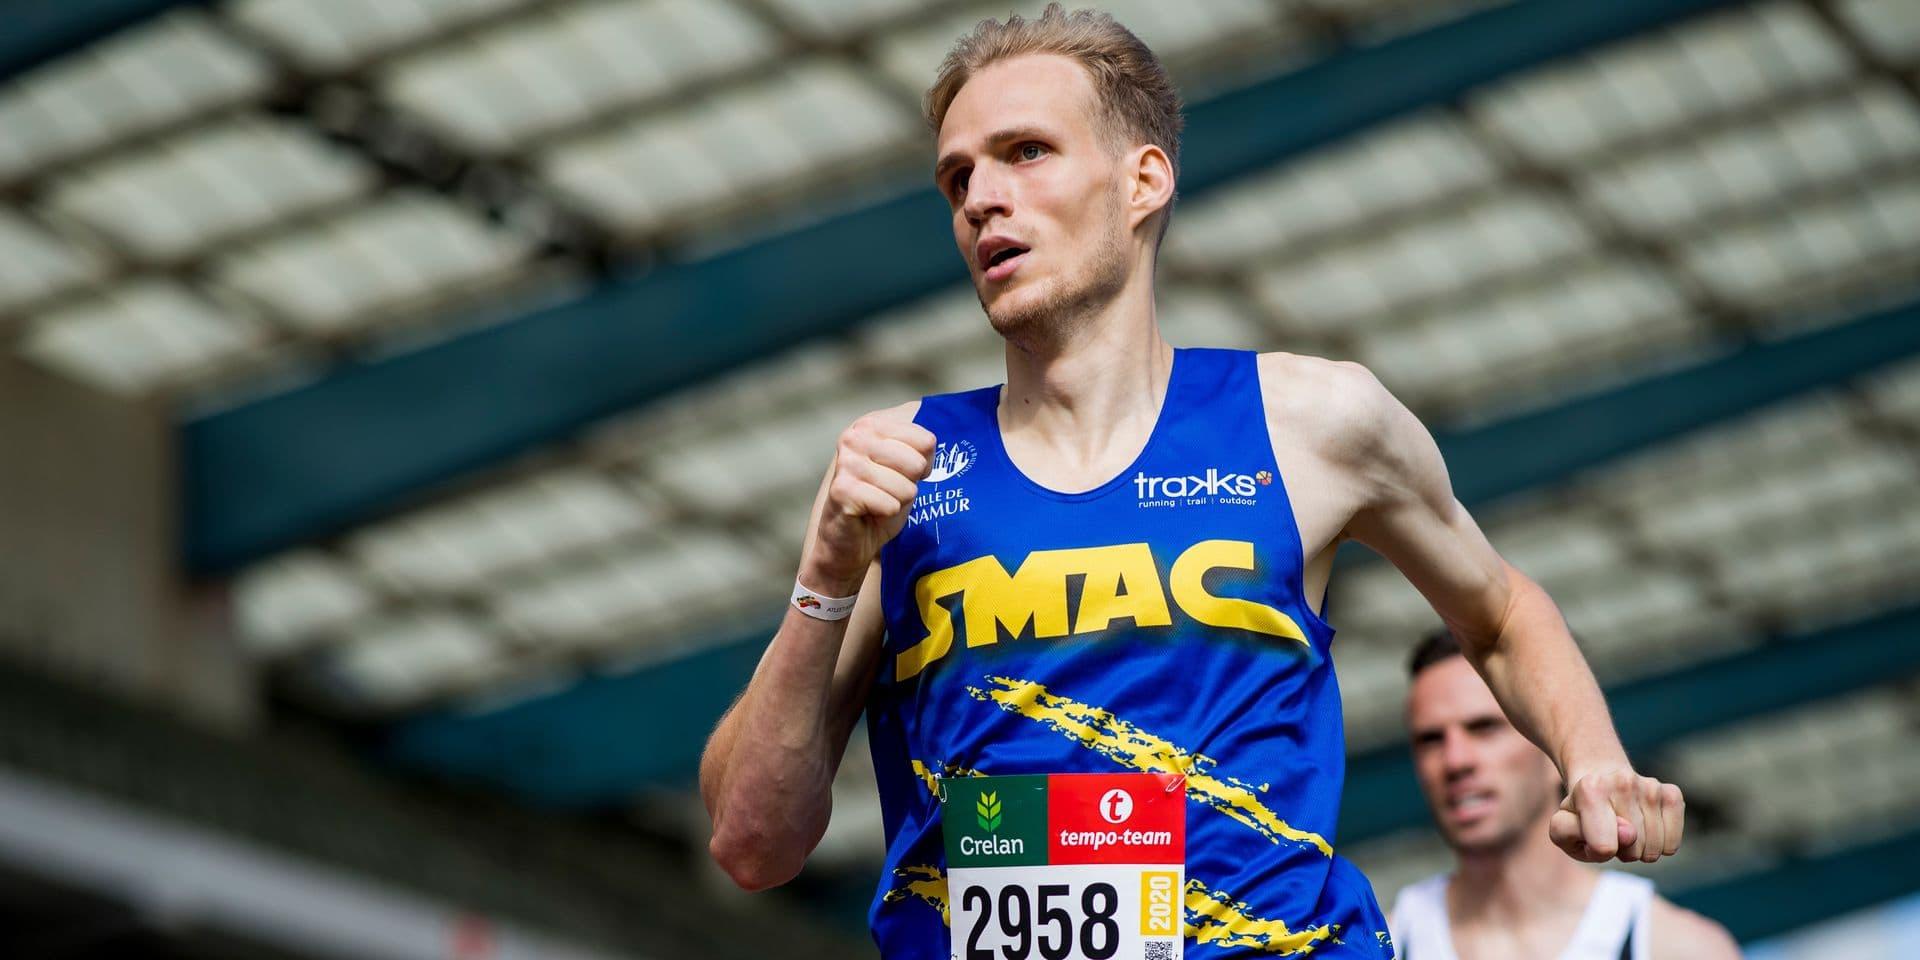 """Eliott Crestan, nouveau recordman belge en salle du 800m et qualifié pour l'Euro : """"Le record, un beau bonus"""""""